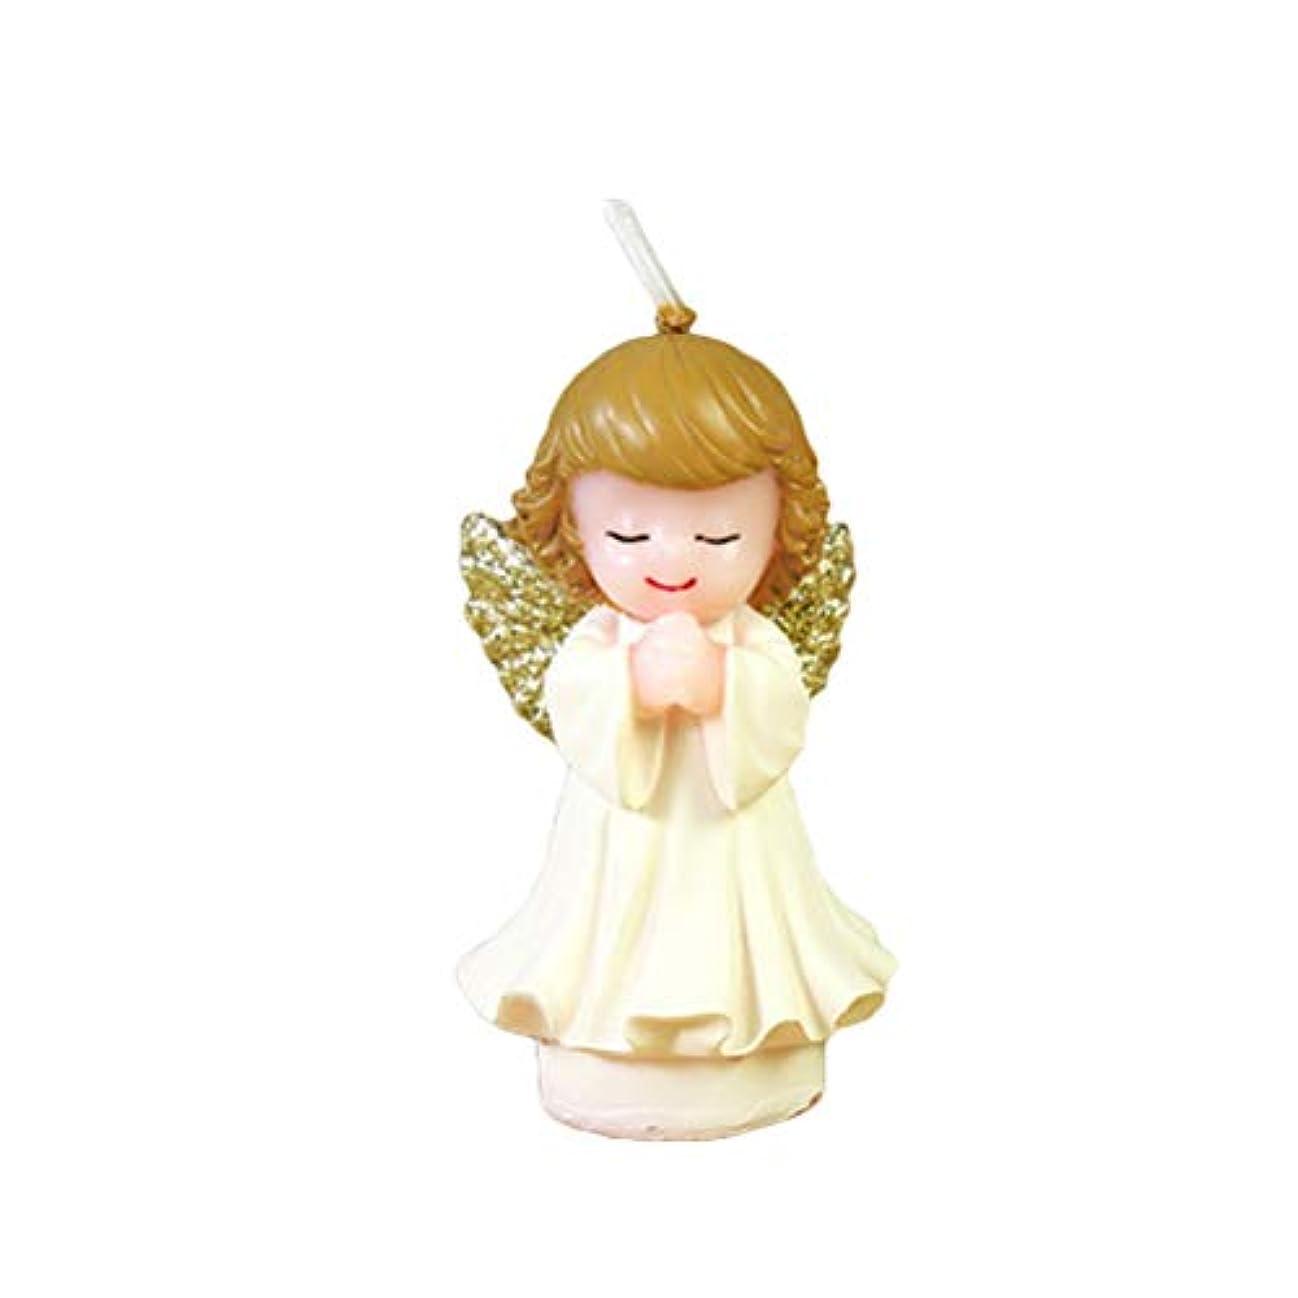 損なうバランスのとれた虎BESTOYARD 天使の蝋燭赤ちゃんの女の子の幼児のためのかわいい天使の誕生日の装飾の技術のろうそく